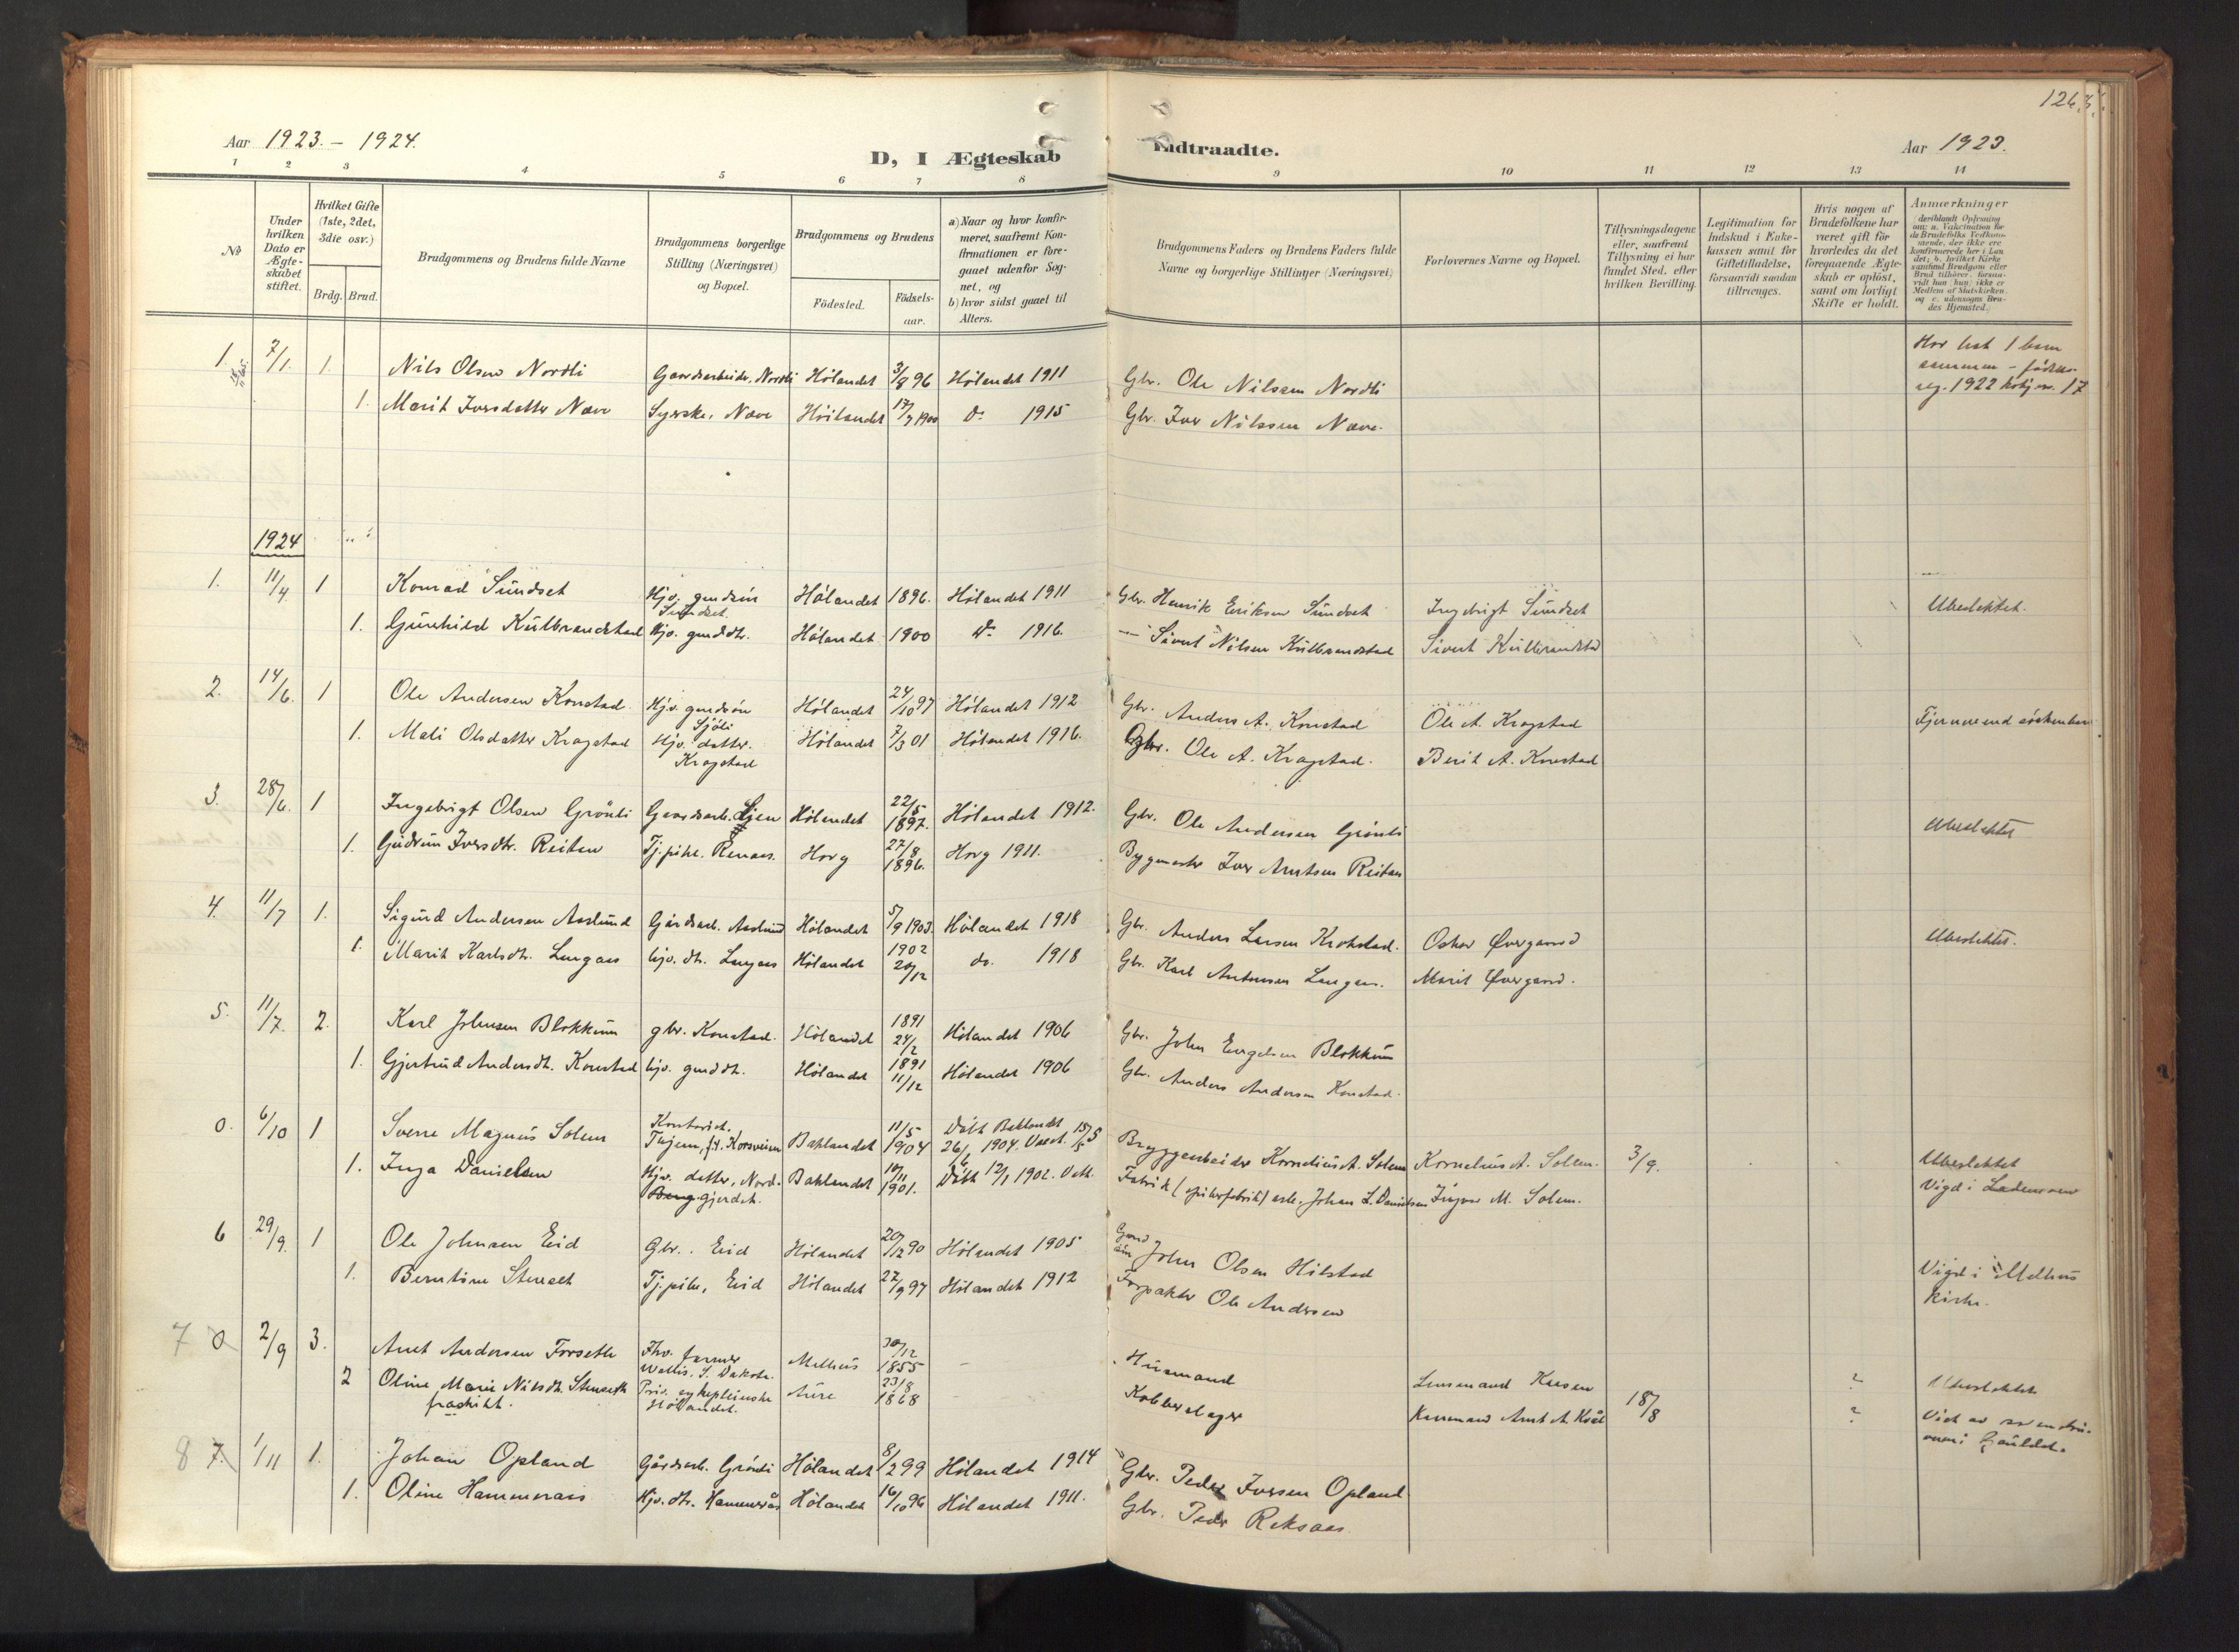 SAT, Ministerialprotokoller, klokkerbøker og fødselsregistre - Sør-Trøndelag, 694/L1128: Ministerialbok nr. 694A02, 1906-1931, s. 126